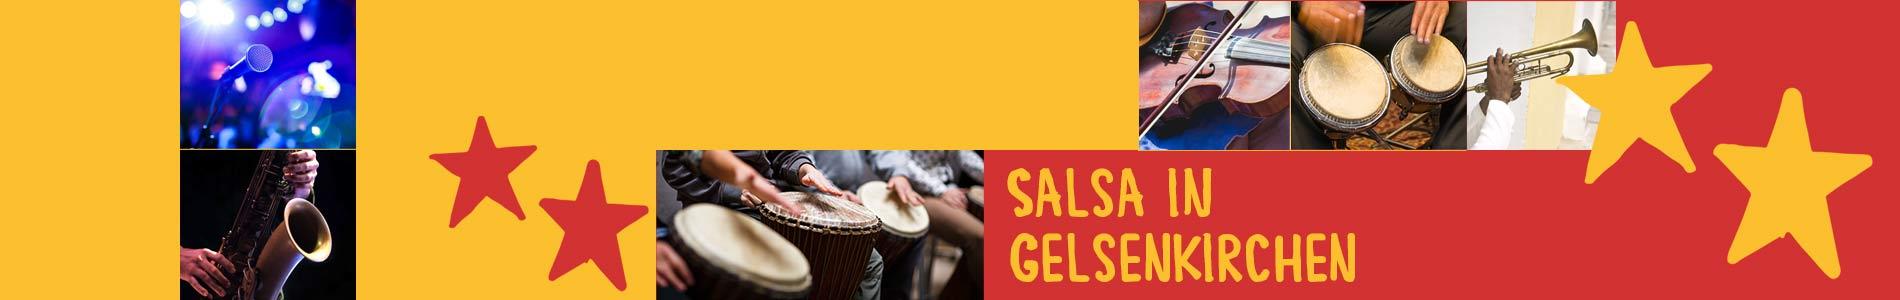 Salsa in Gelsenkirchen – Salsa lernen und tanzen, Tanzkurse, Partys, Veranstaltungen